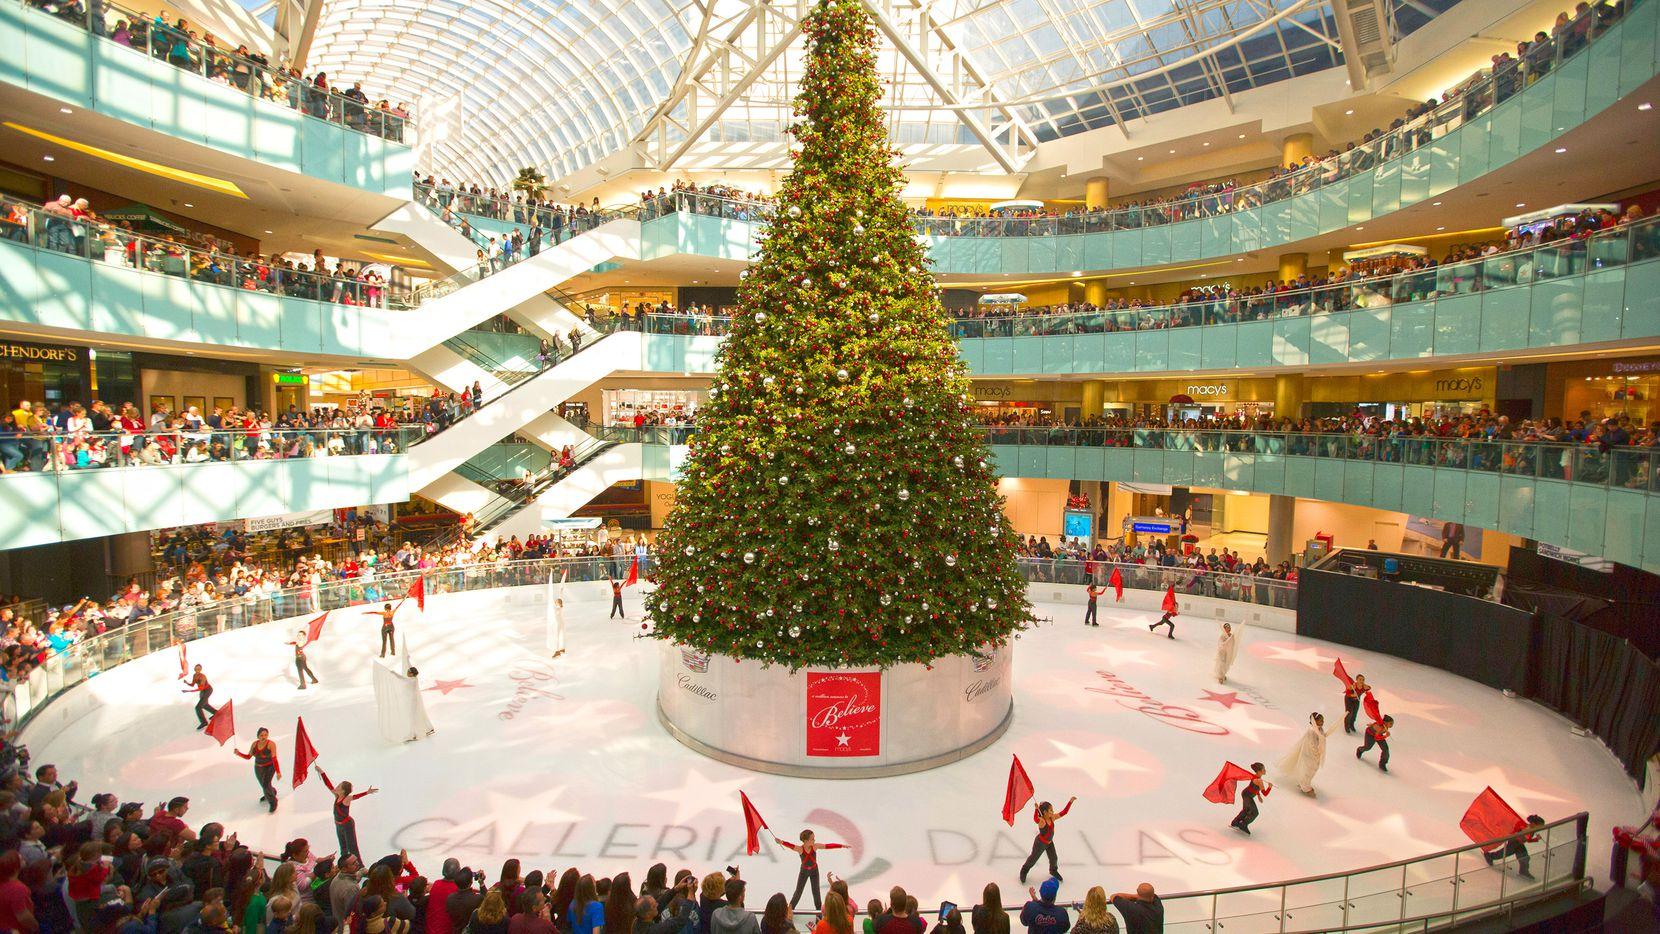 Galleria Dallas iluminará su árbol de Navidad este viernes 29 de noviembre.